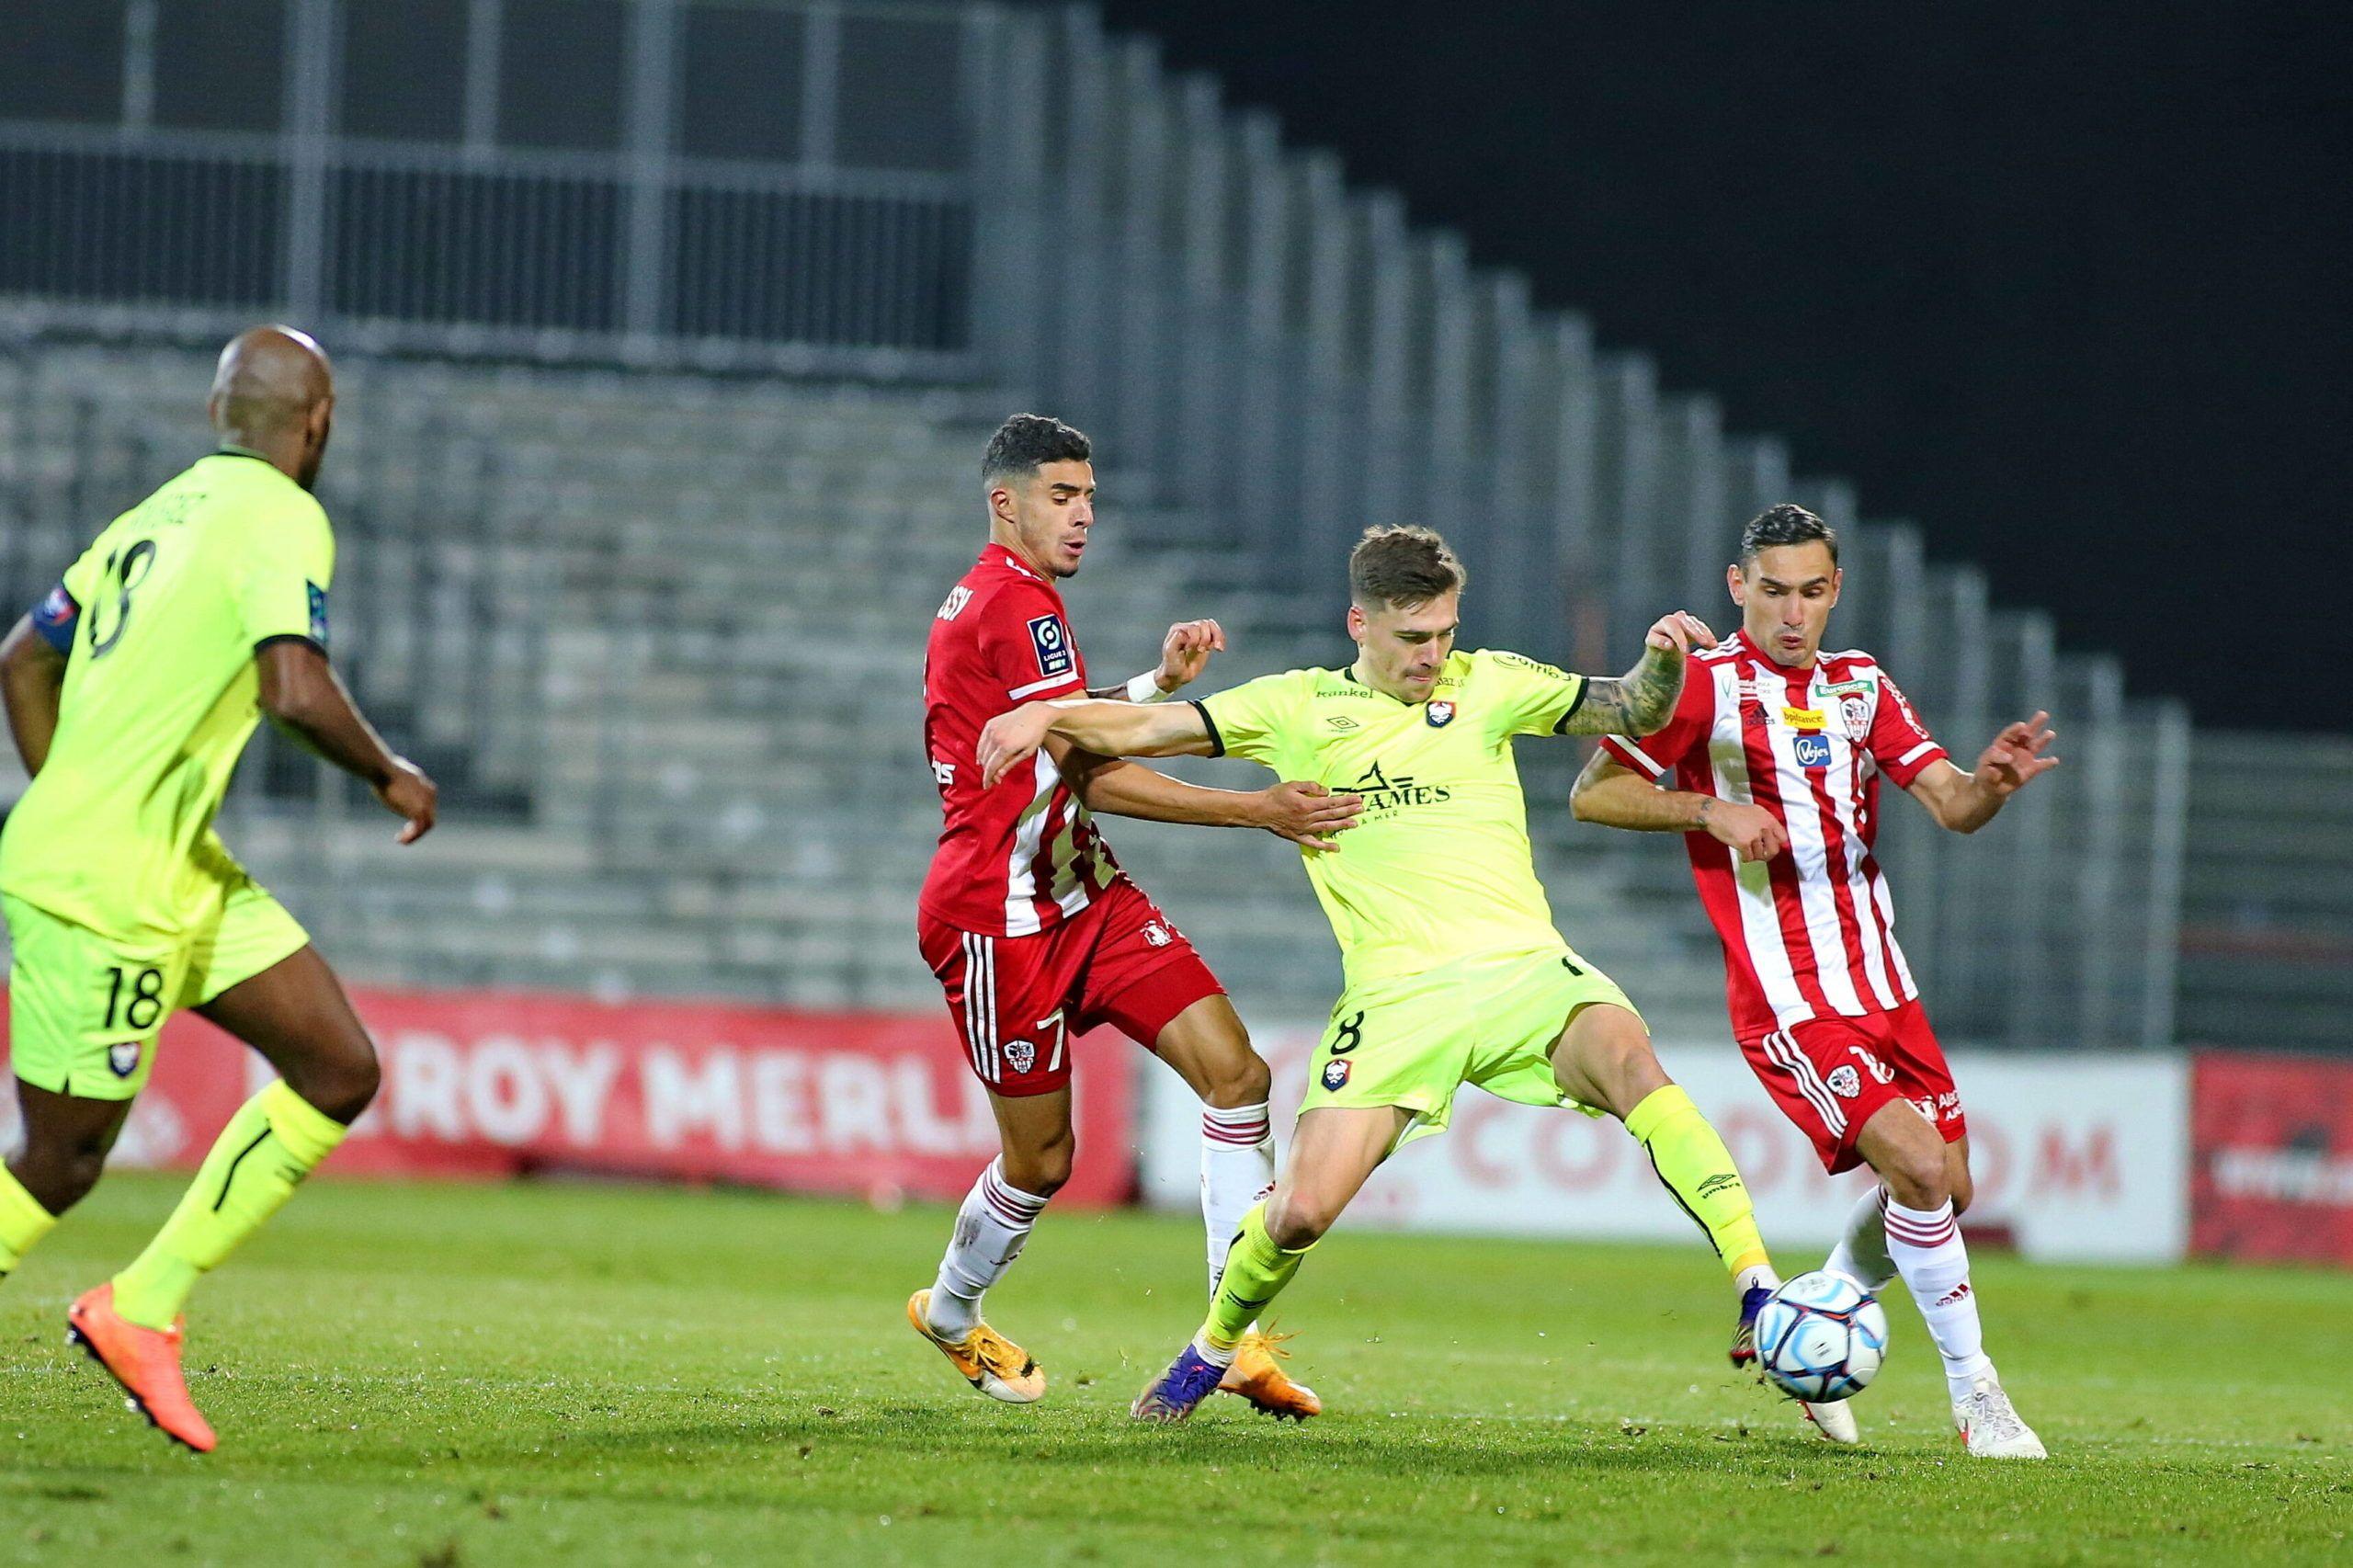 Le match entre Ajaccio et Caen menacé en raison du covid-19 ?